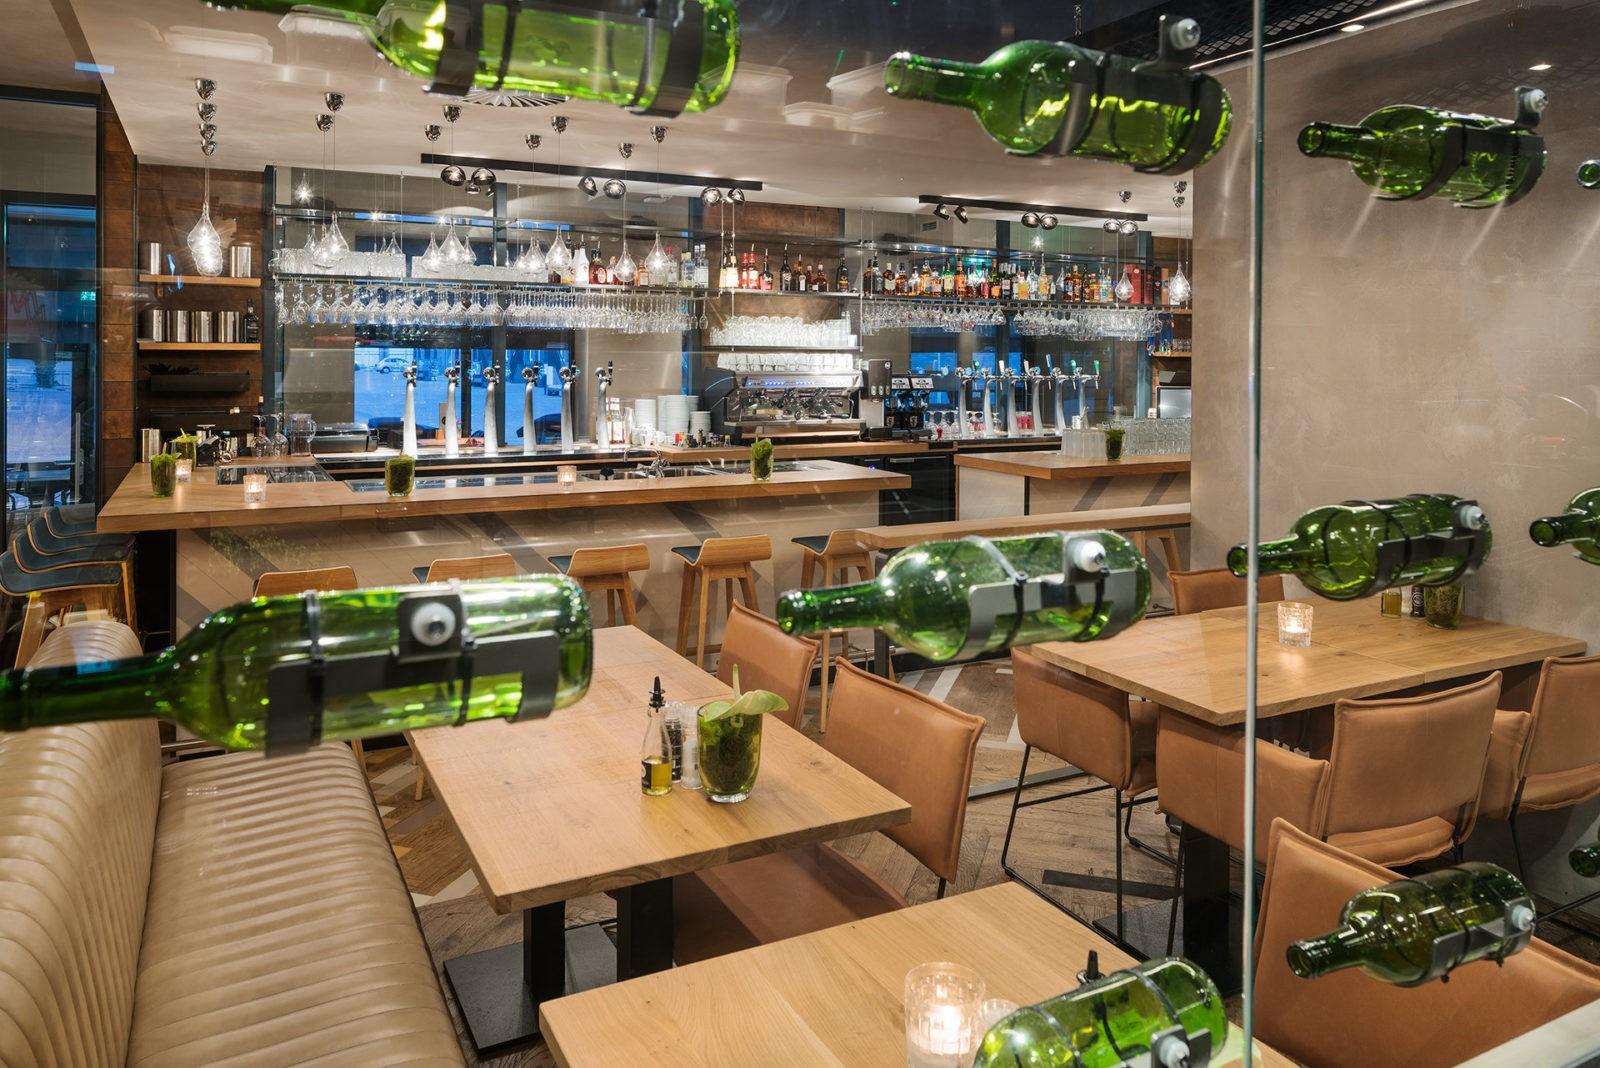 Grand Cafe Du Nord restaurant-bar